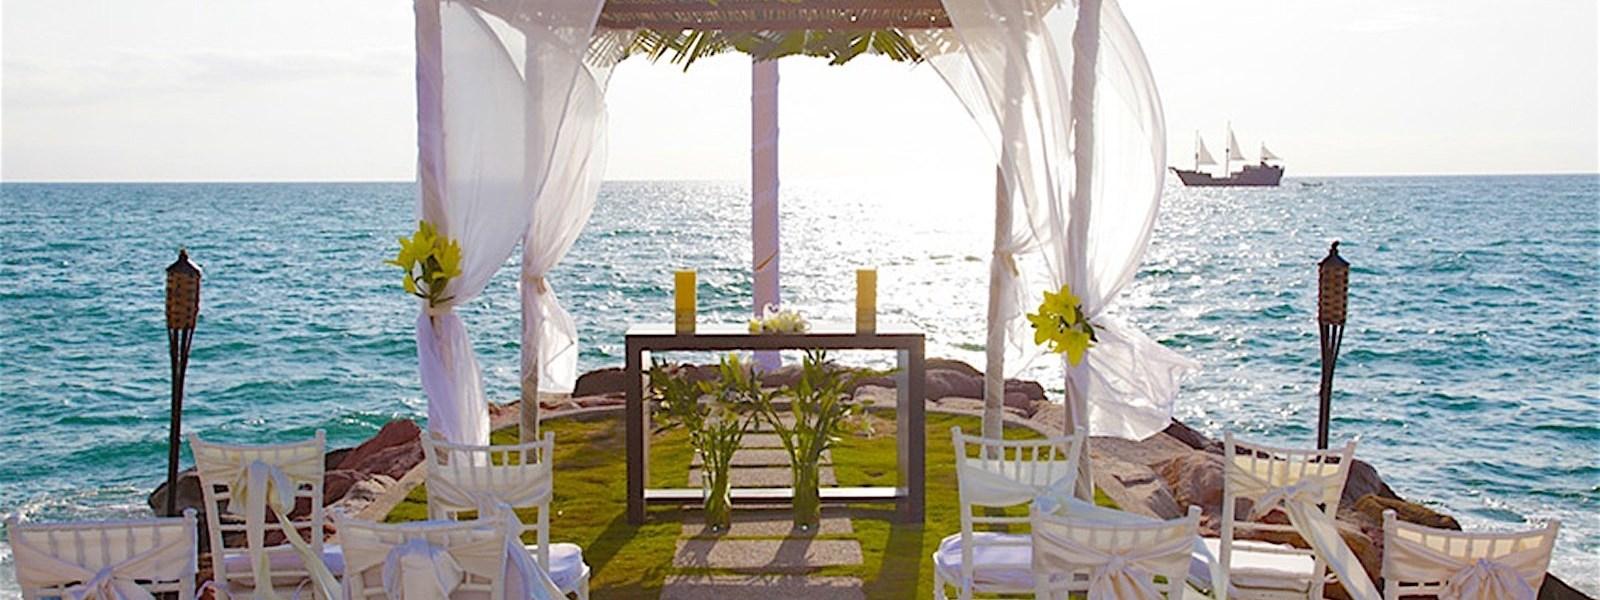 Buenaventura Grand Hotel & Great Moments Wedding Venue